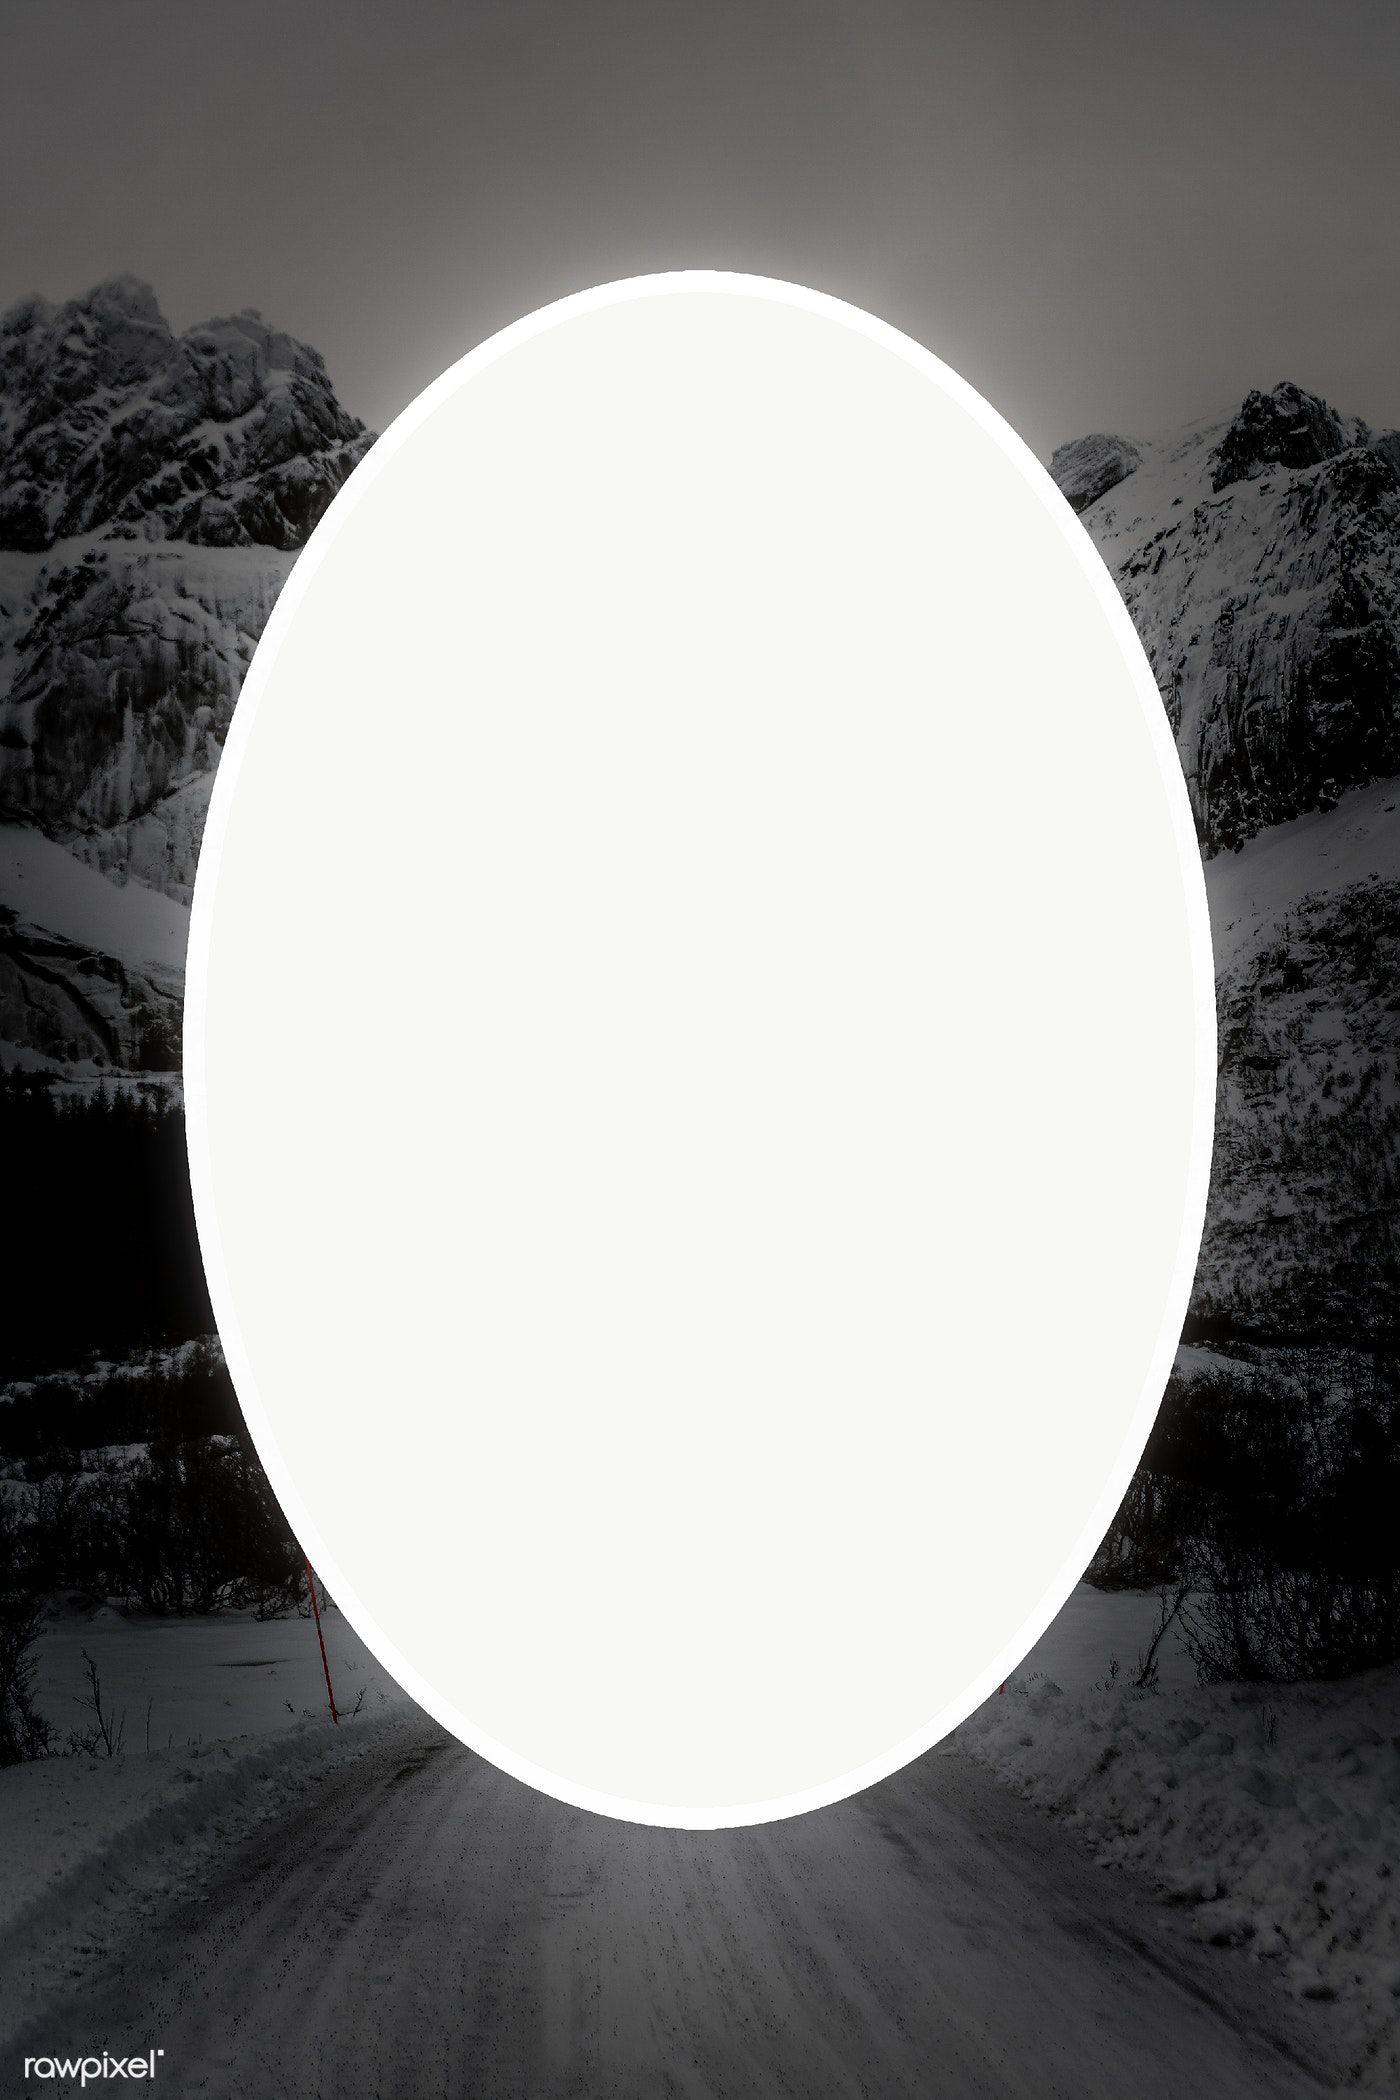 Download Premium Png Of Oval Frame Over Winter Landscape Transparent Png Winter Landscape Oval Frame Landscape